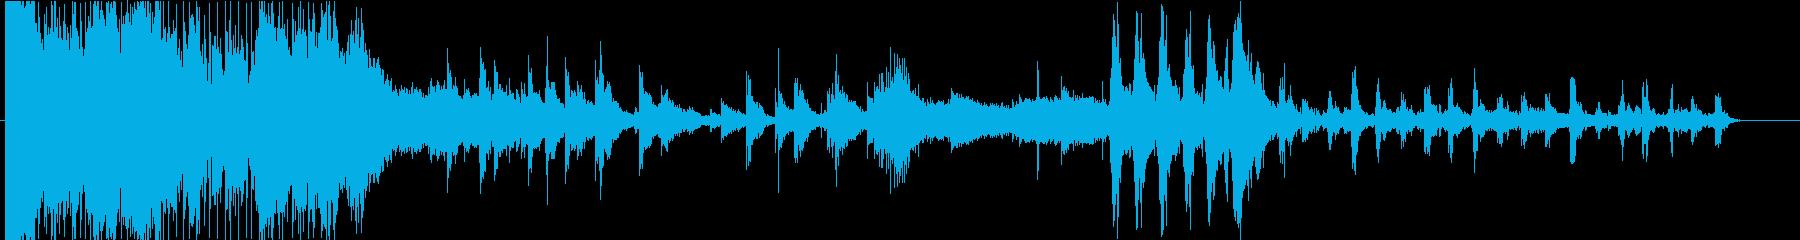 勢いと静寂が交差するアンビエントホラーの再生済みの波形